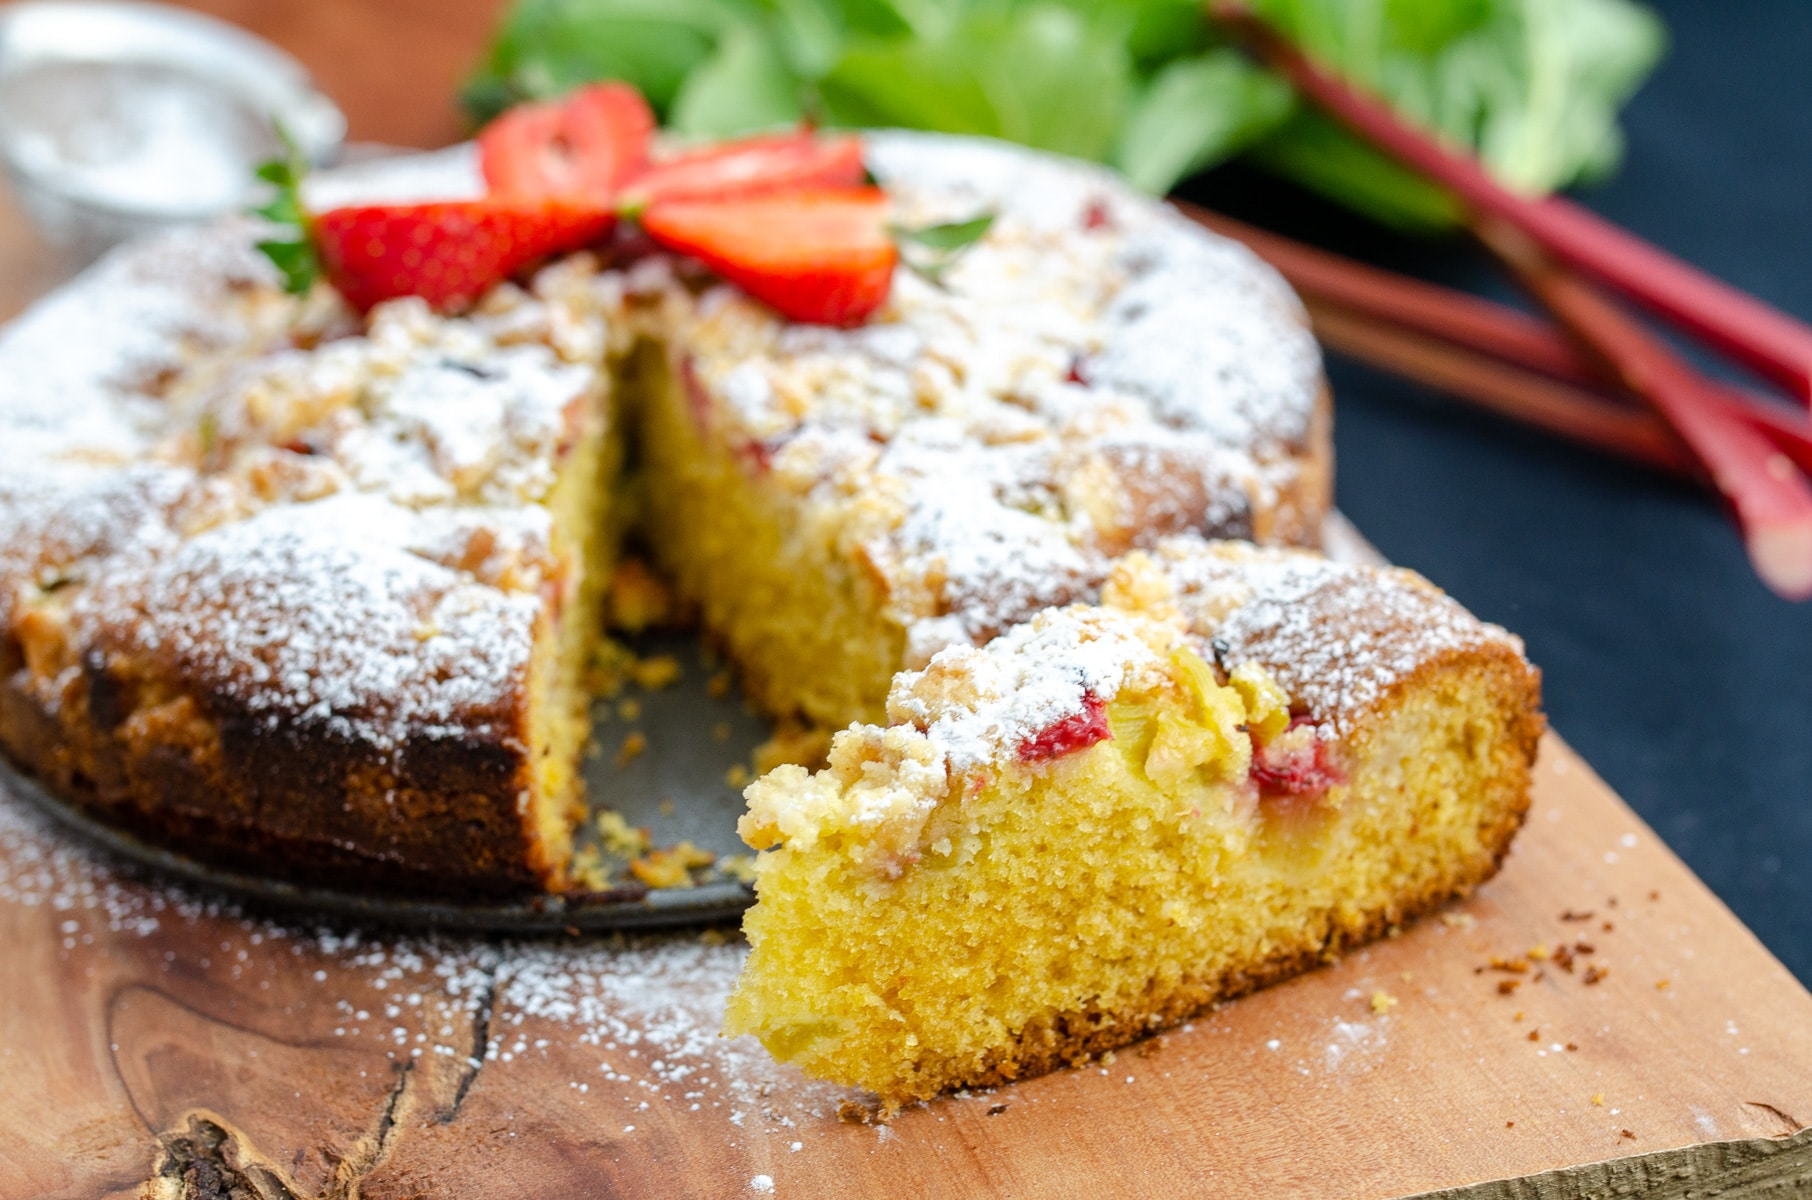 puszysty kawałek ciasta z rabarbarem na drewnianej desce w tle całe ciasto